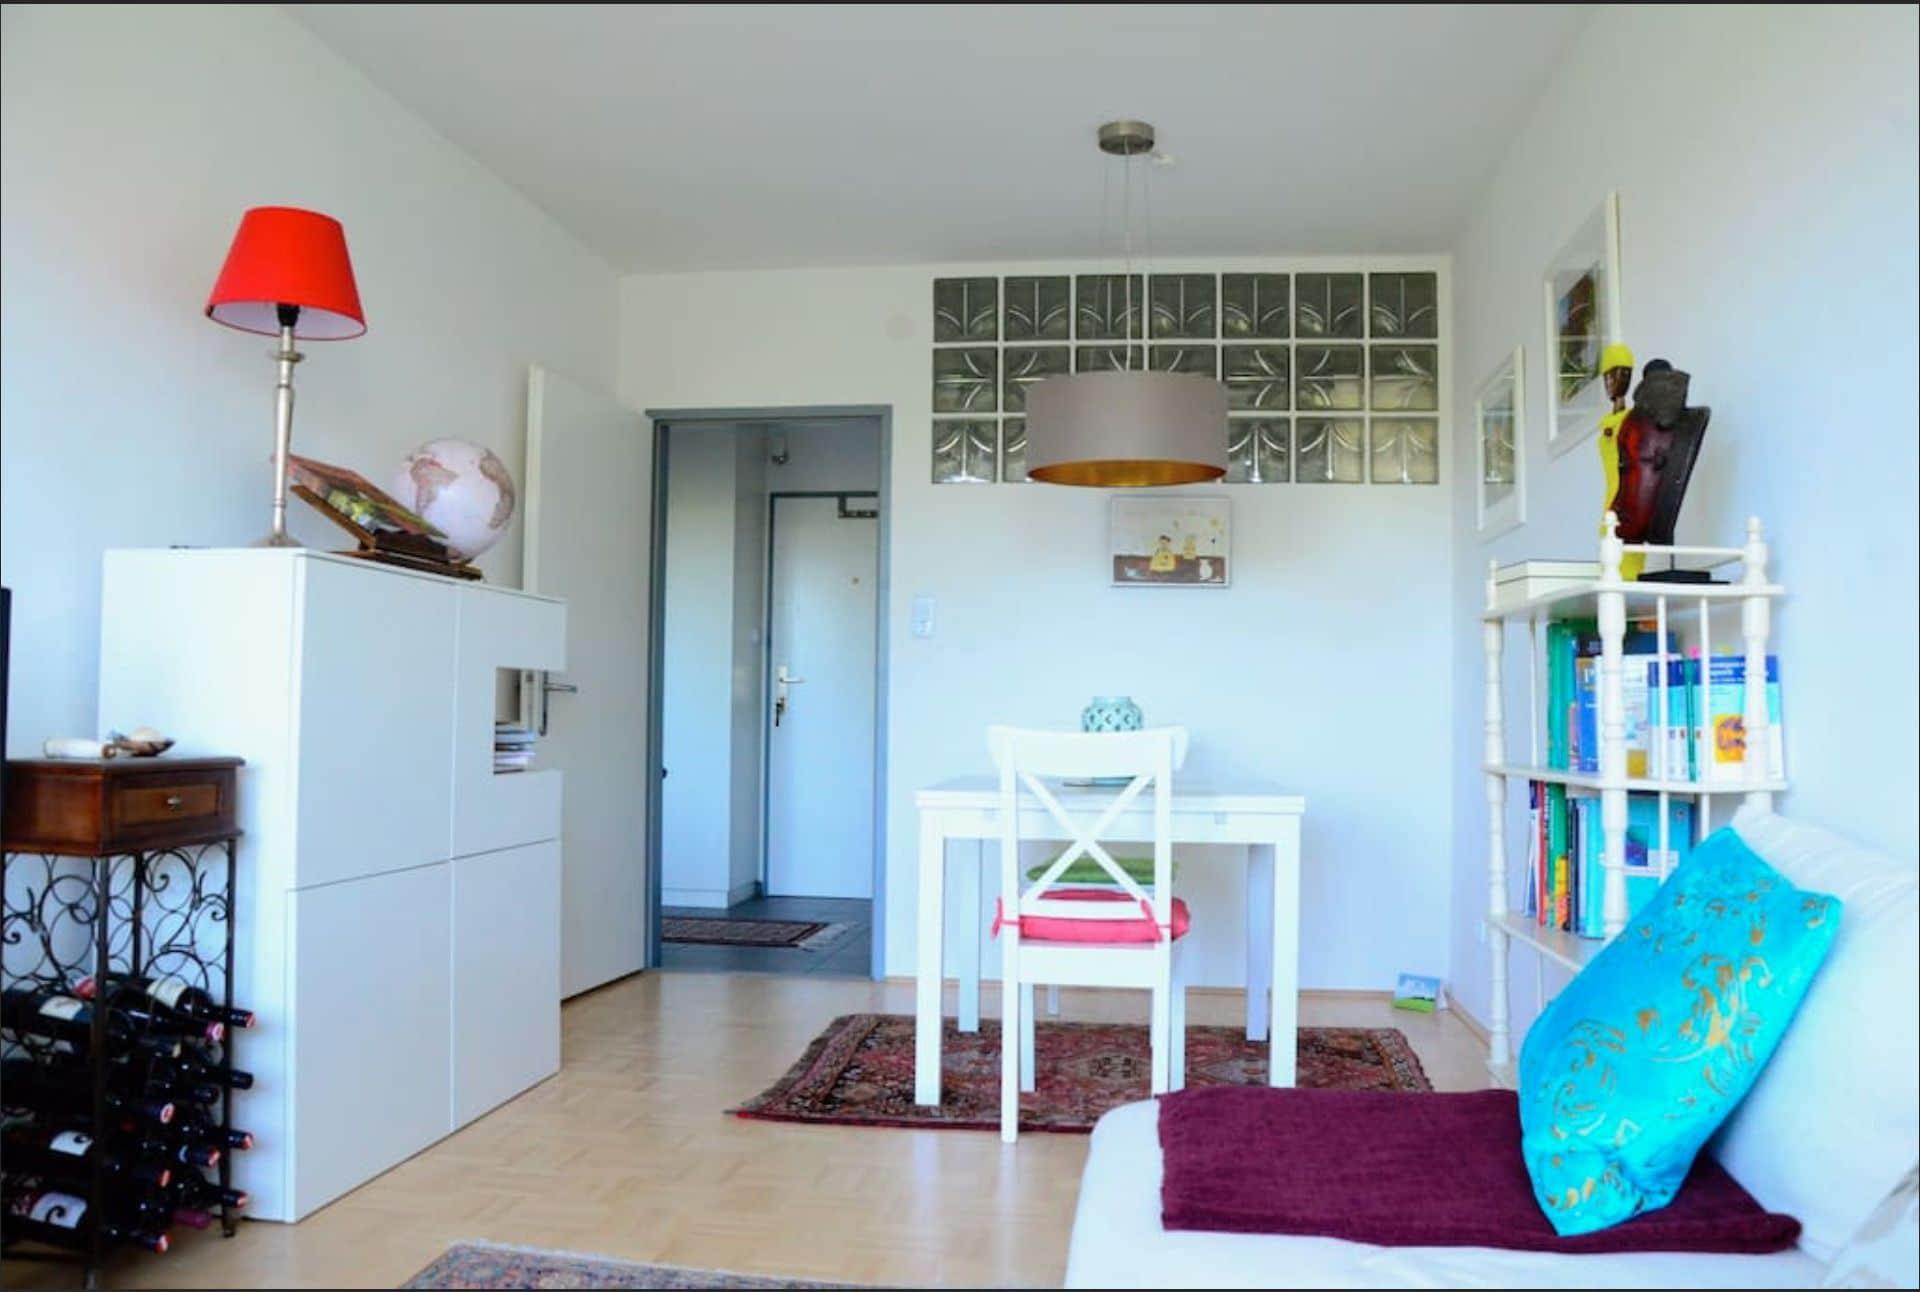 Apartment LVKS, Salzburg